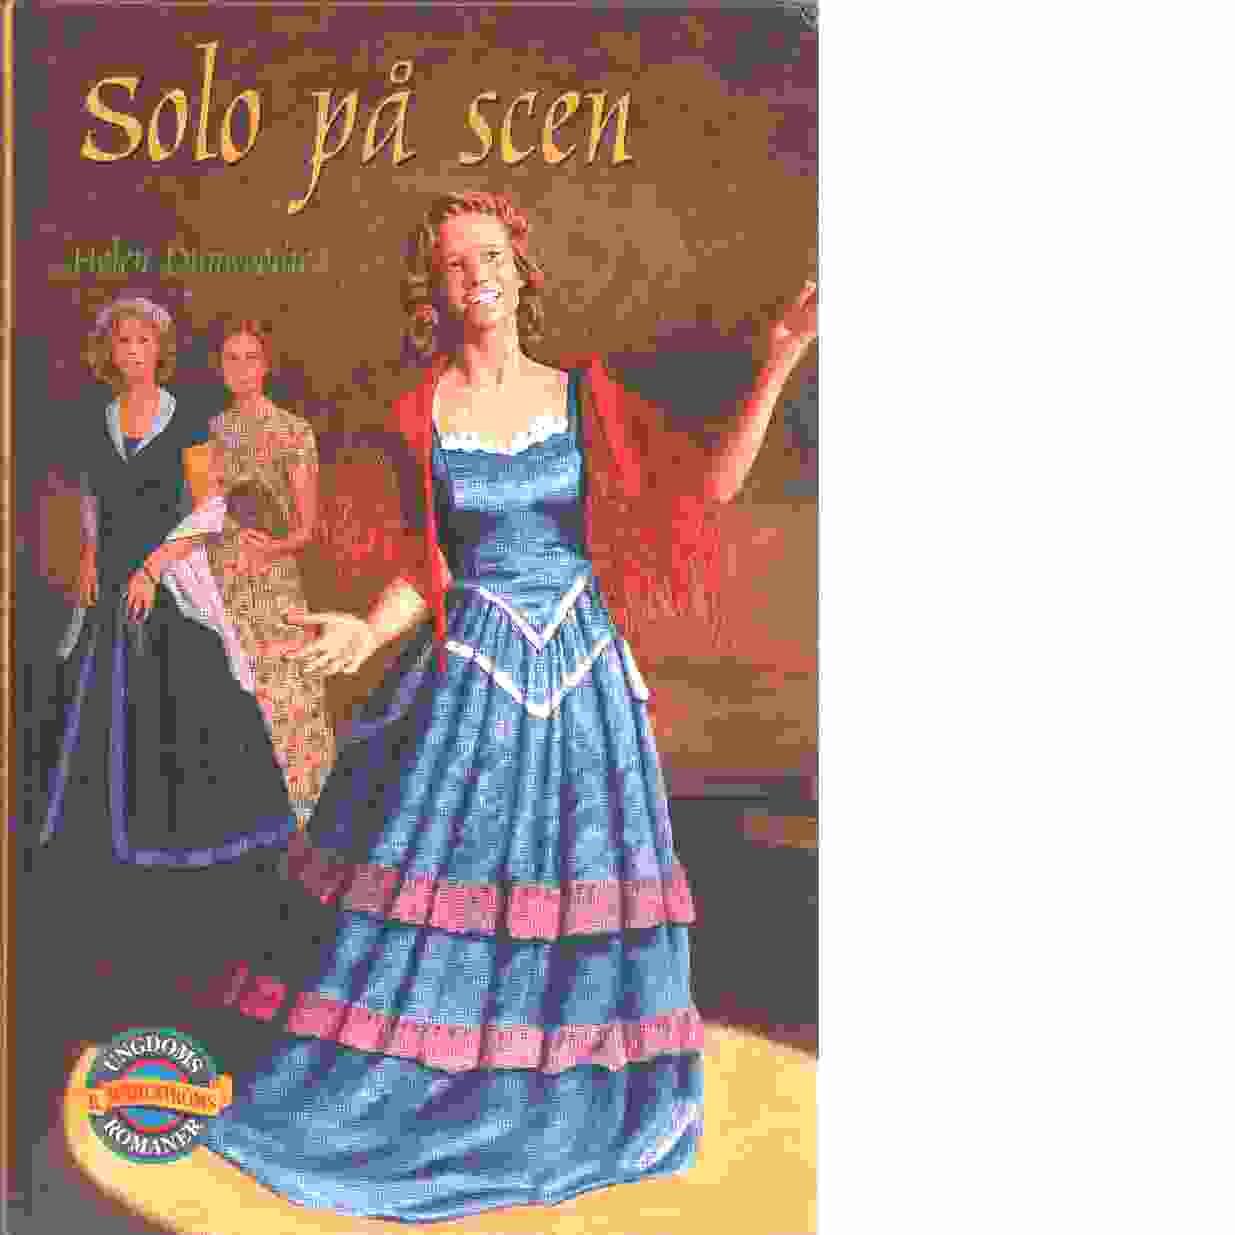 Solo på scen - Dunwoodie, Helen